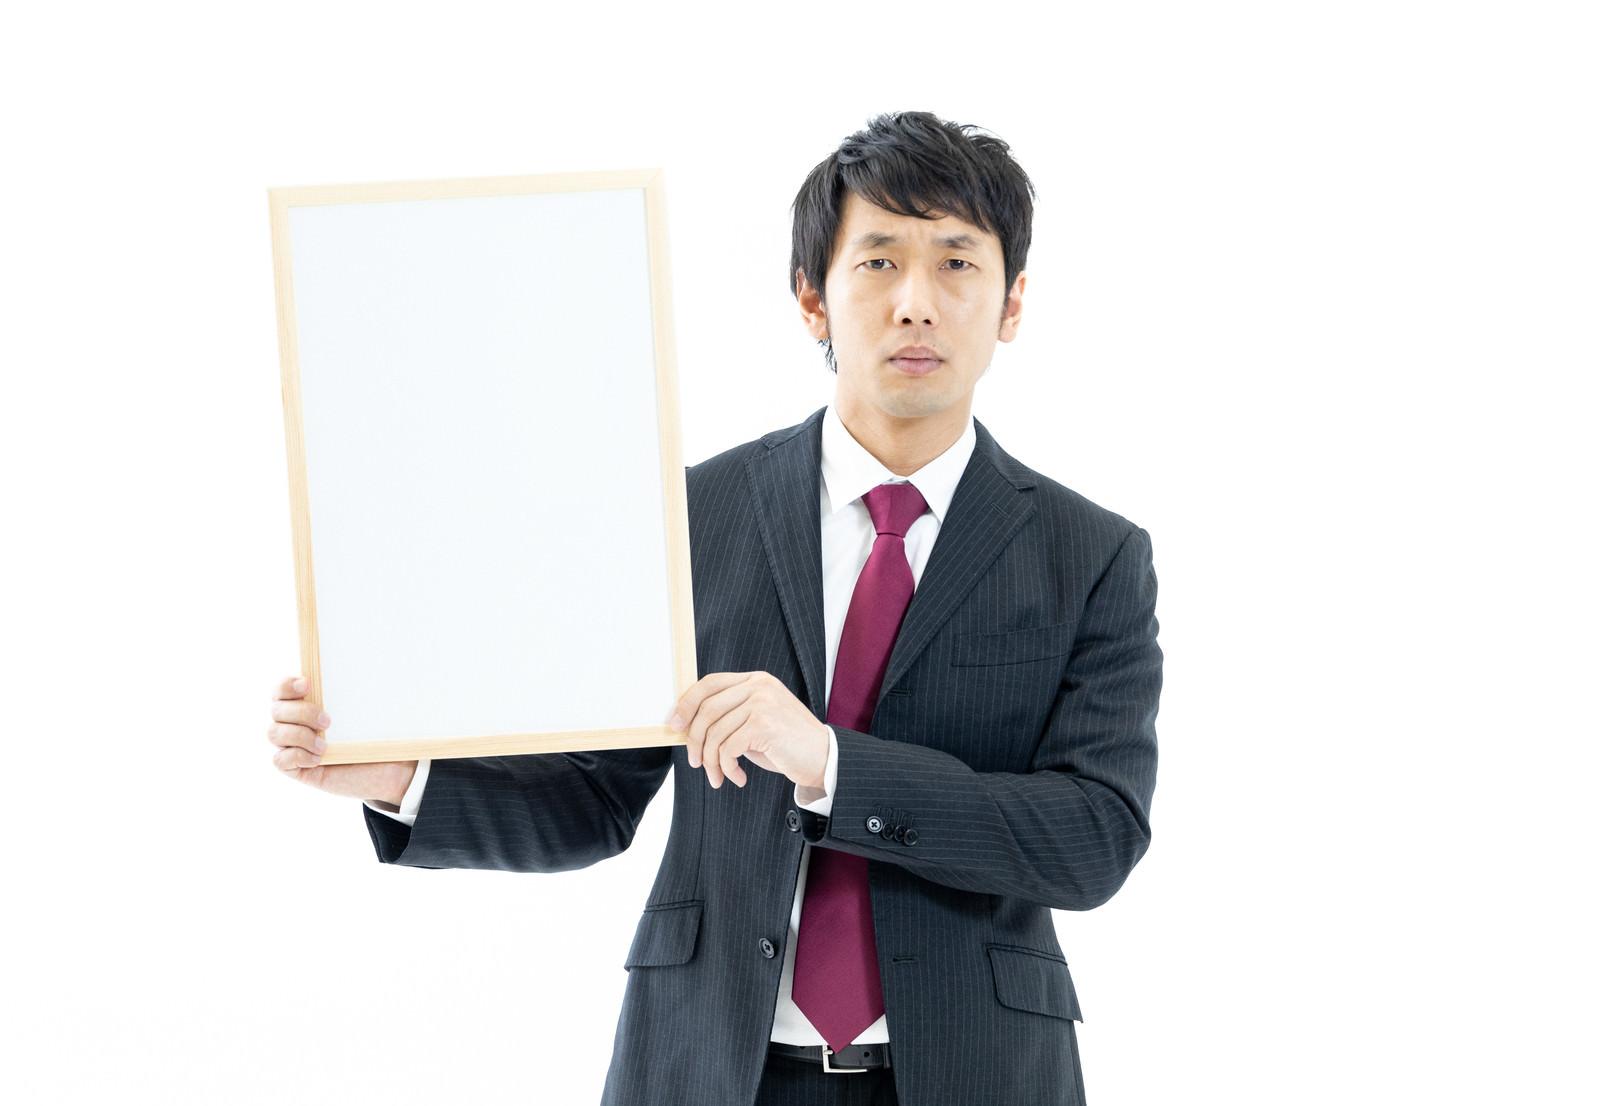 「「新元号はこちら!」とフリップを見せる司会者」の写真[モデル:大川竜弥]